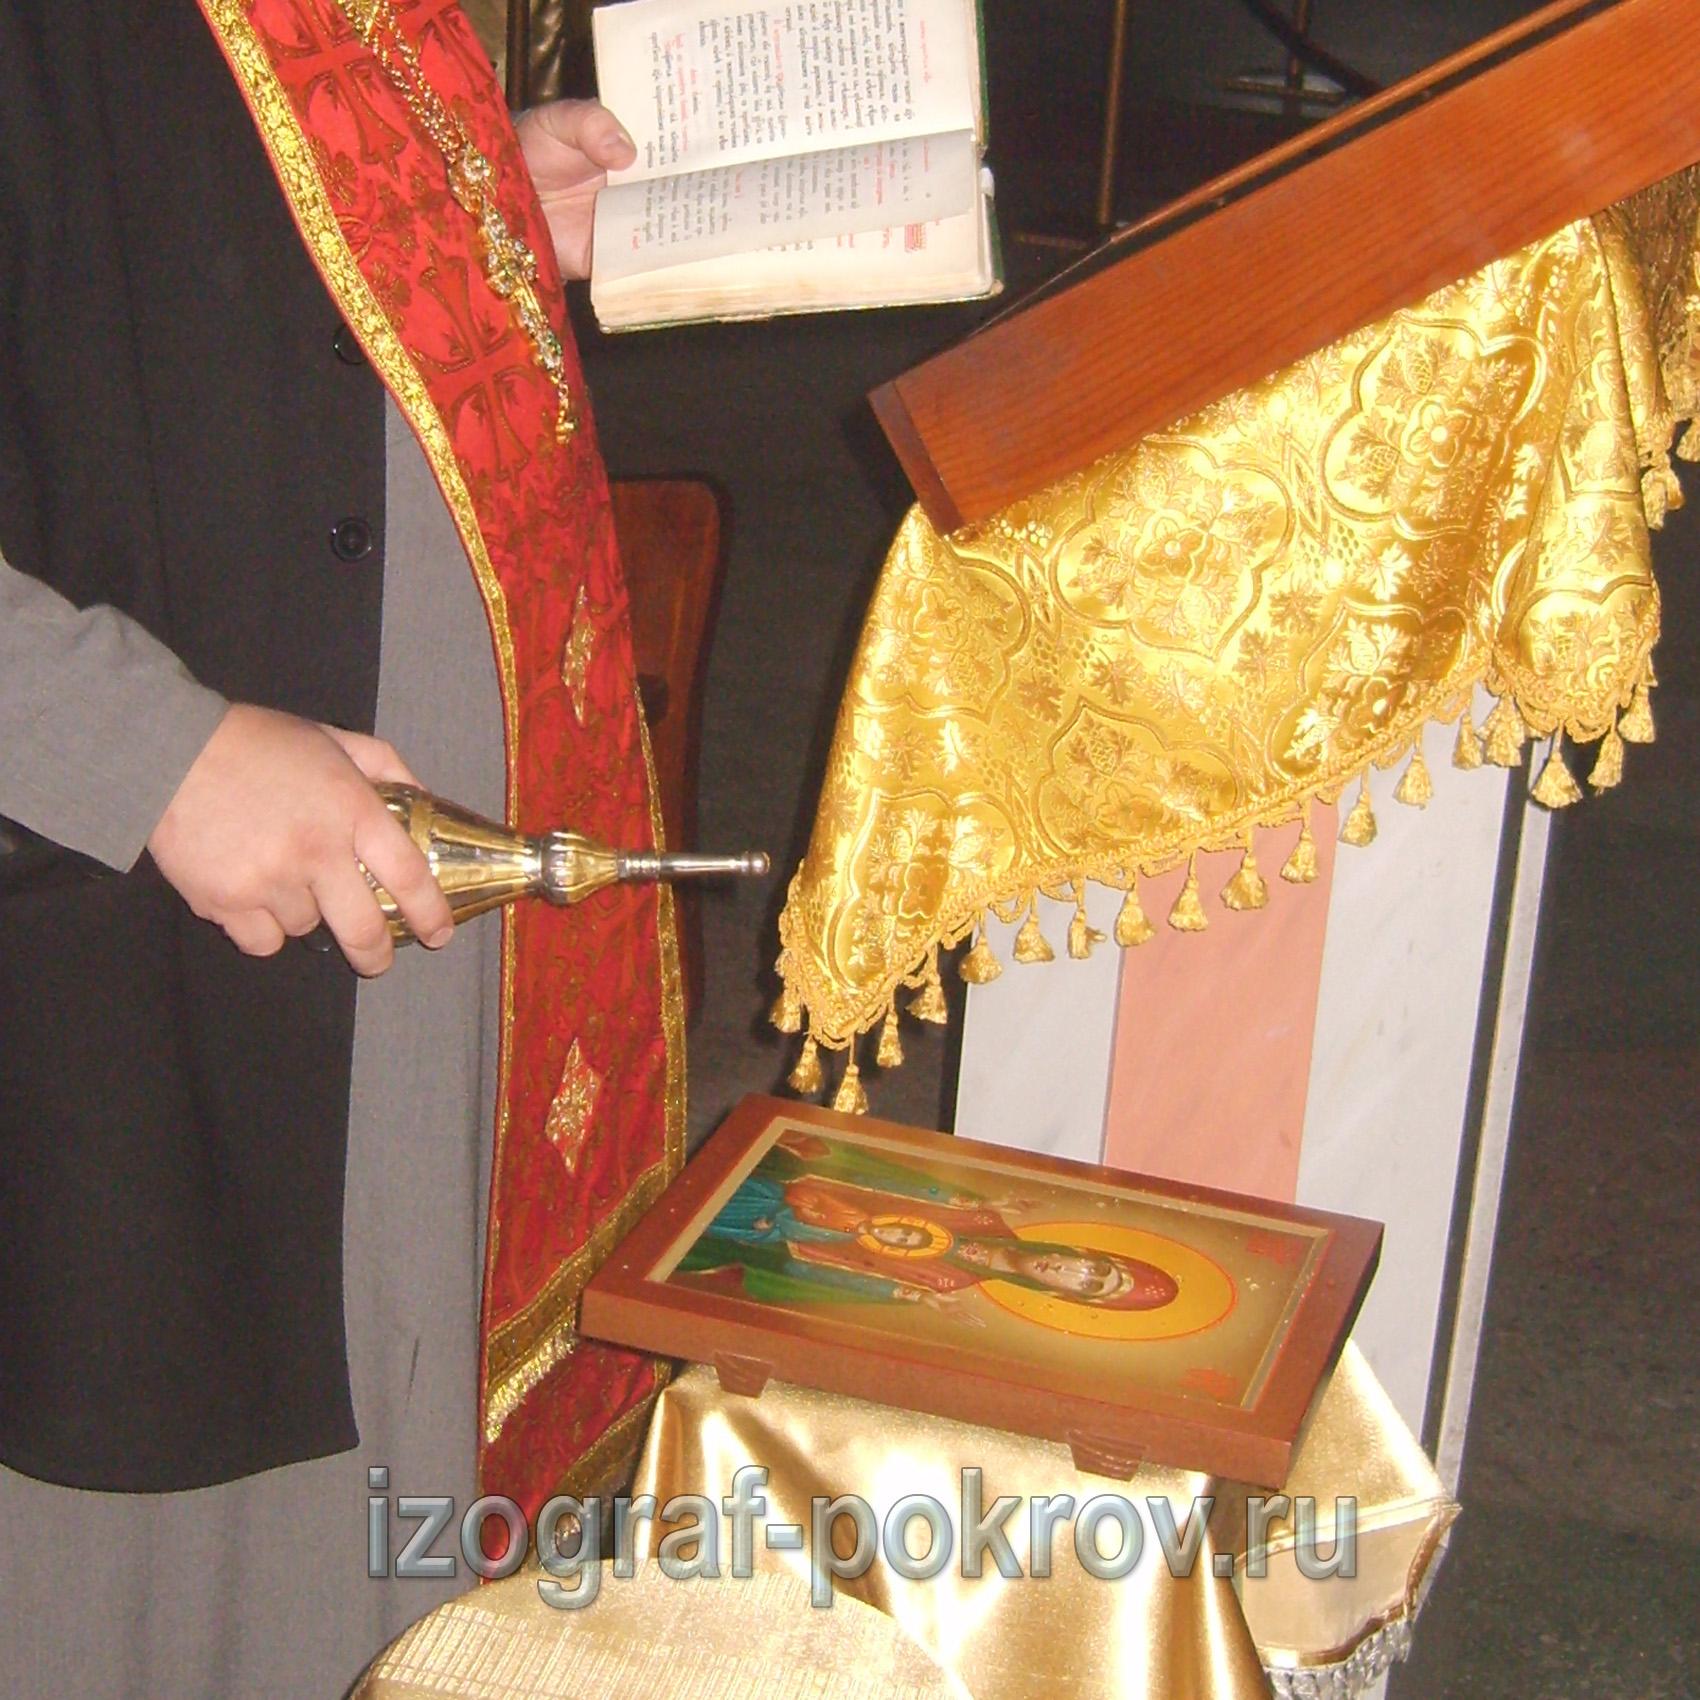 Готовая икона Божией матери Знамение настоятель освящает в храме Покрова Пресвятой Богородицы.